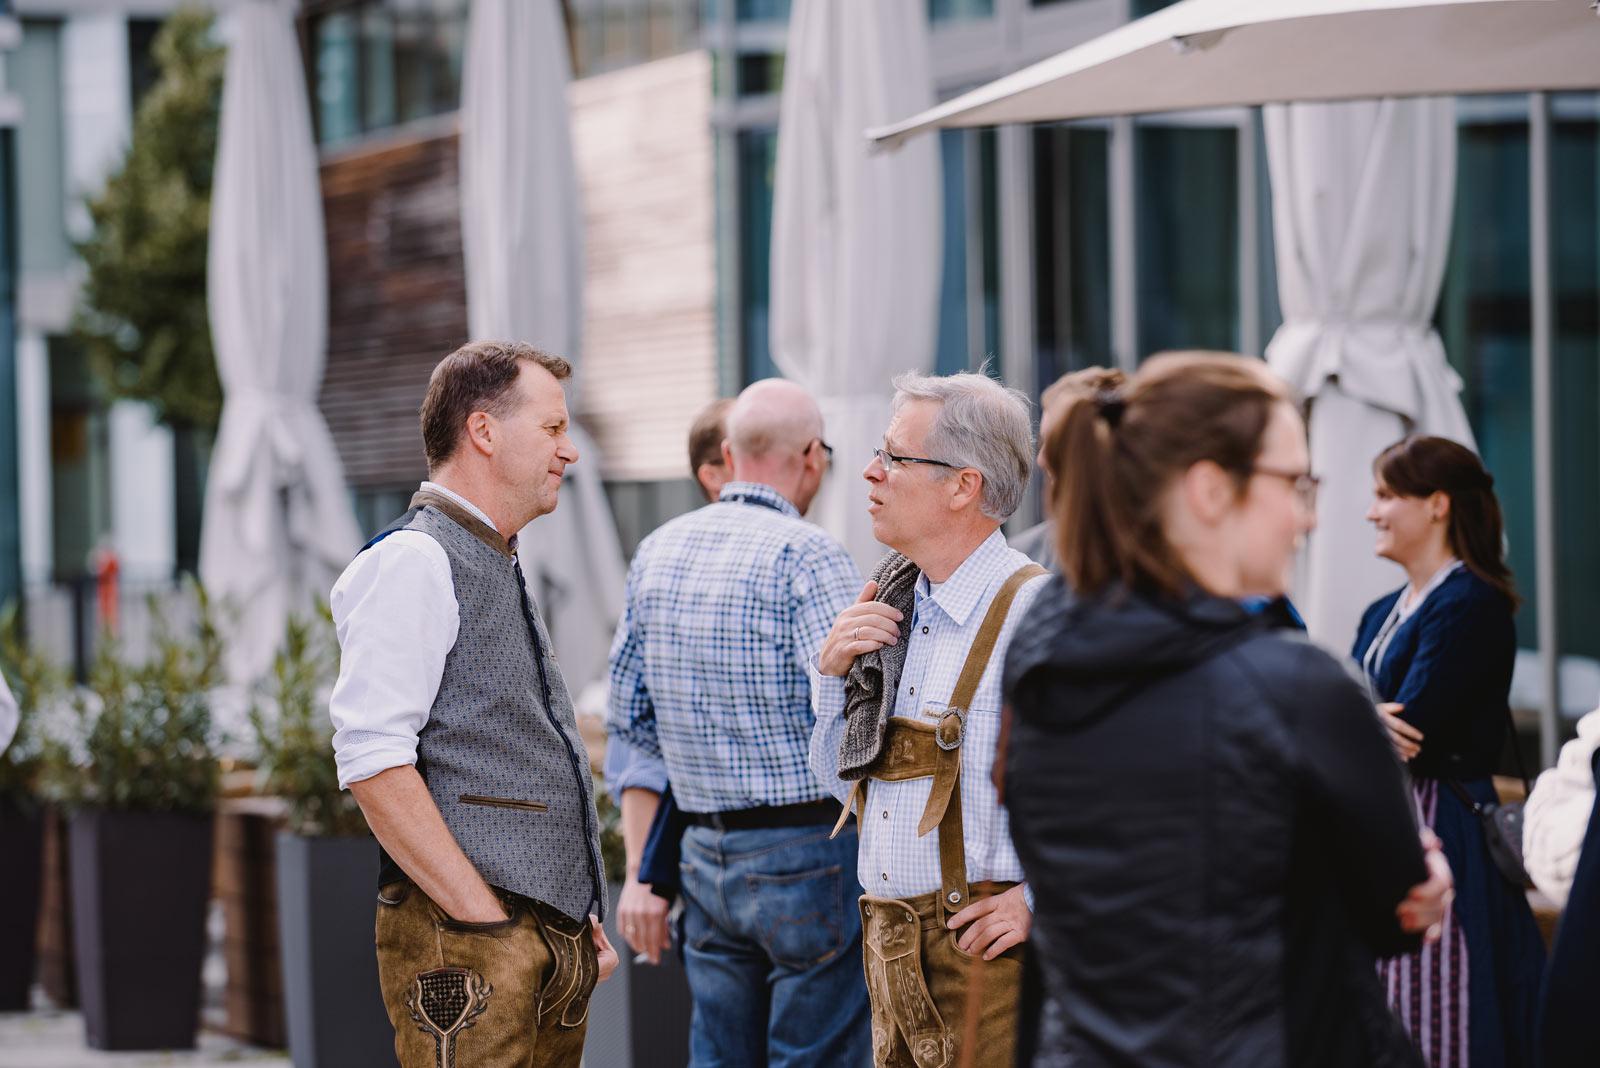 Eventfotografie, Veranstaltung, Business, Unternehmen, Corporate, Fotograf, münchen